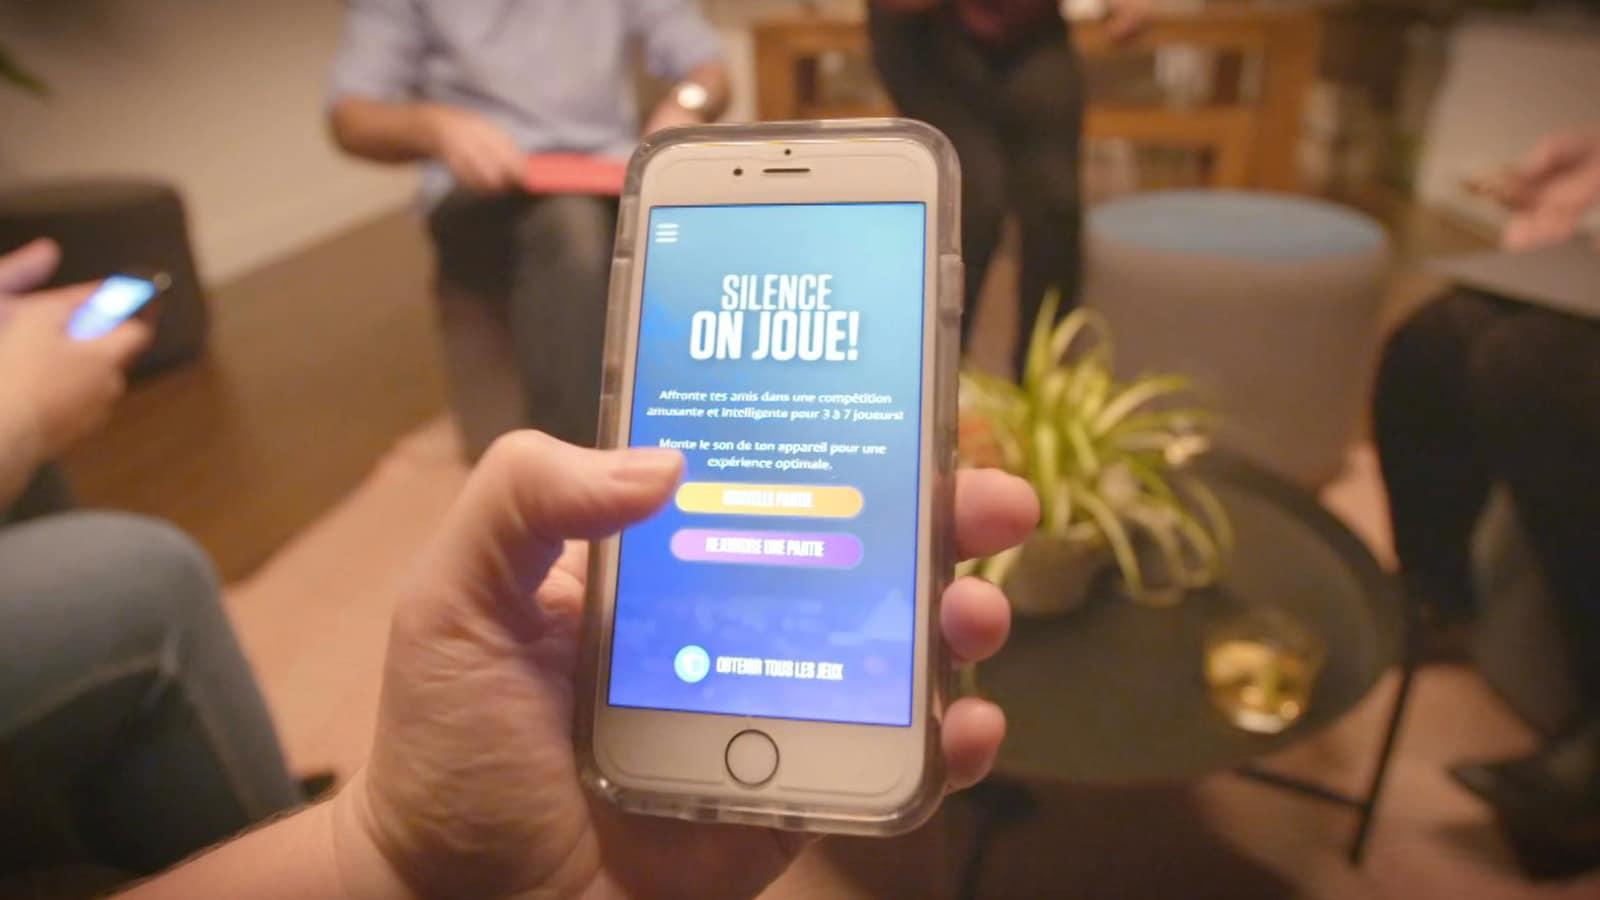 Une personne tient un téléphone qui affiche l'application.